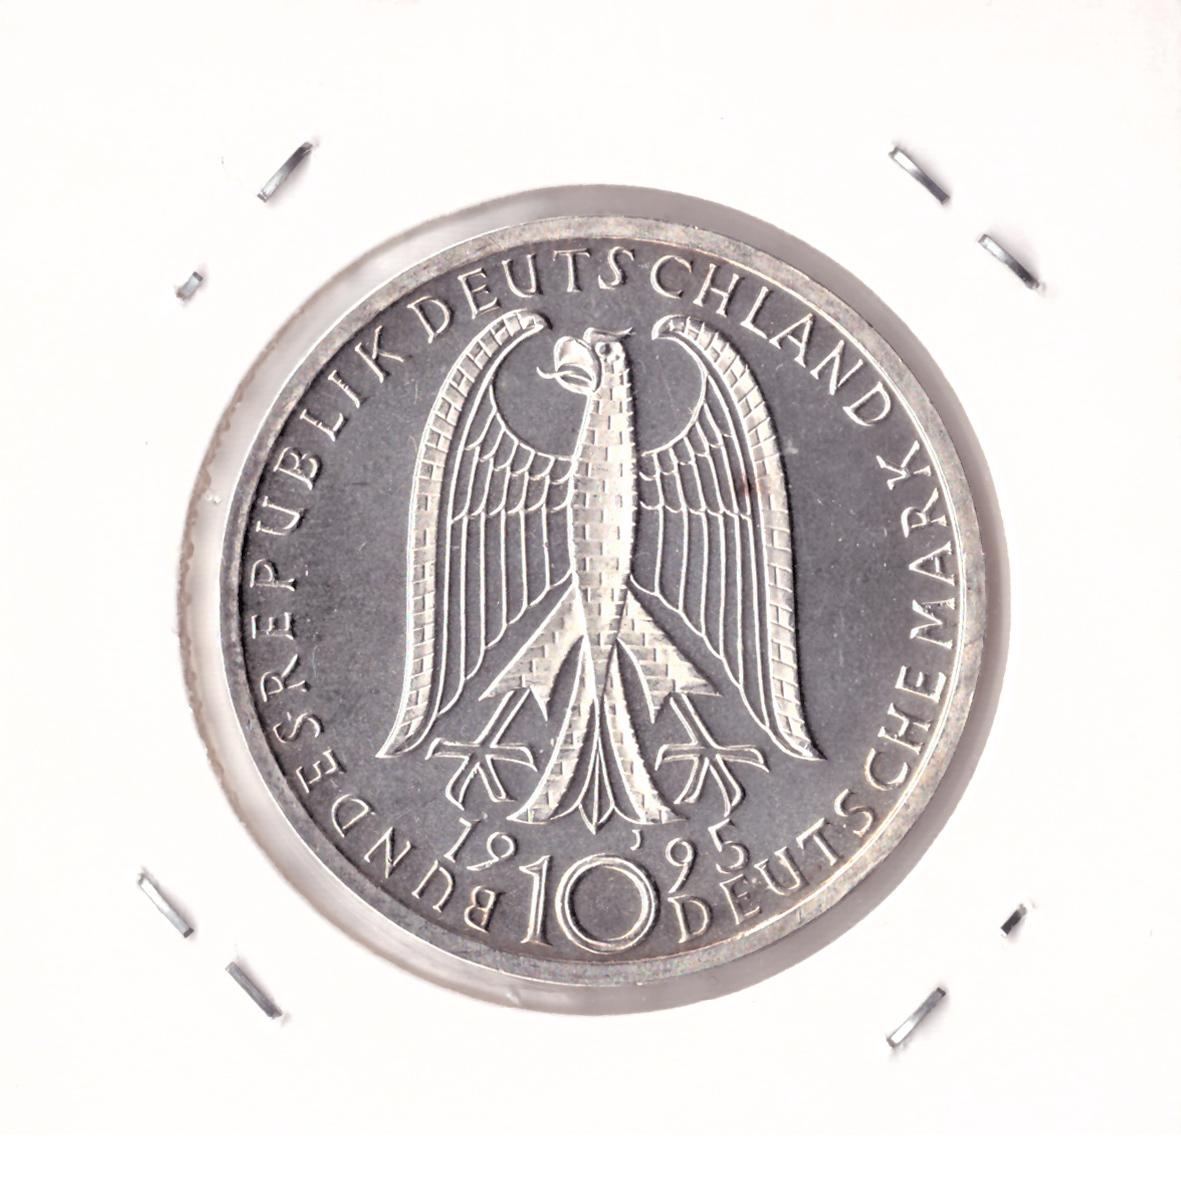 10 марок 1995 год (J) 50 лет со дня бомбардировки Дрездена (Мир и согласие), Германия. AU